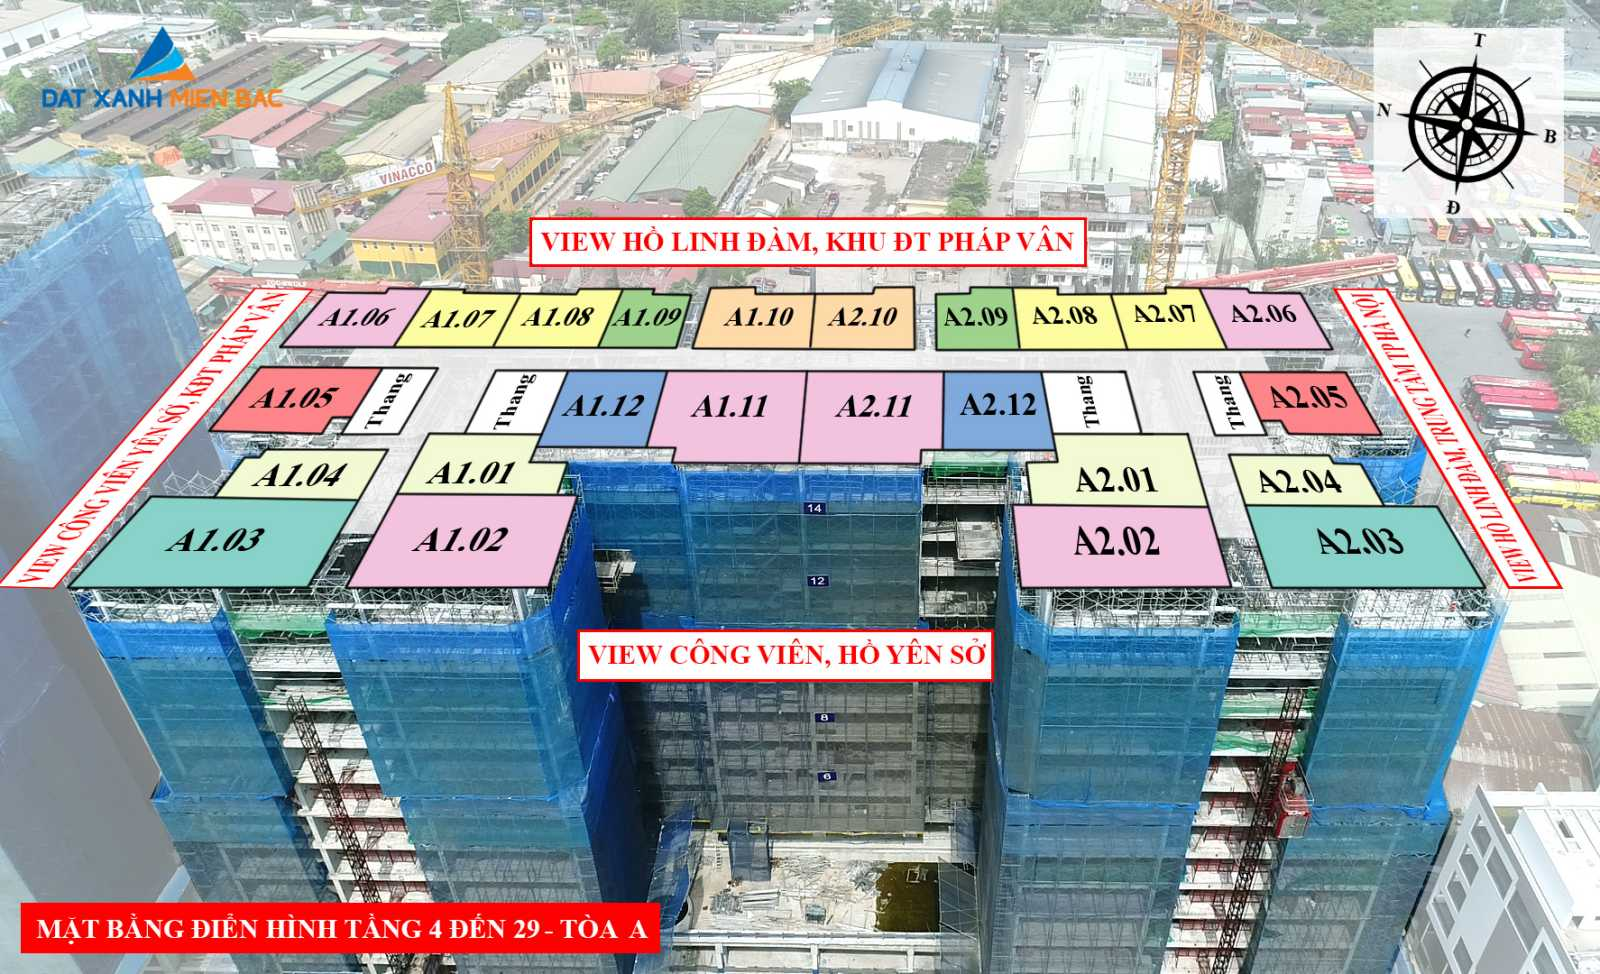 Vị trí và hướng view thực tế của căn hộ Dự án Phương Đông Trần Thủ Độ